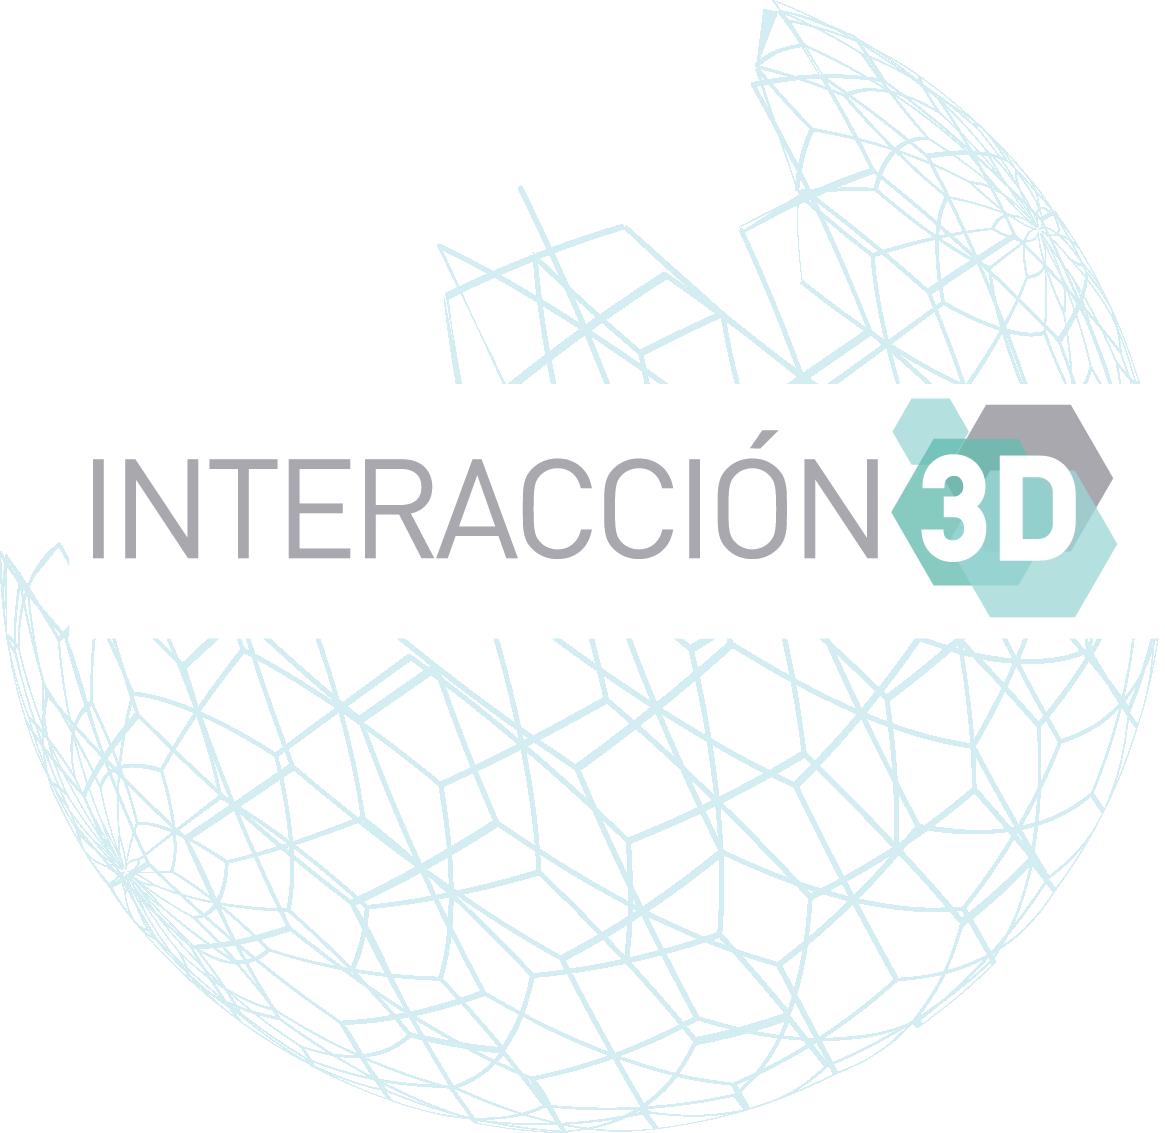 interaccion3d.com